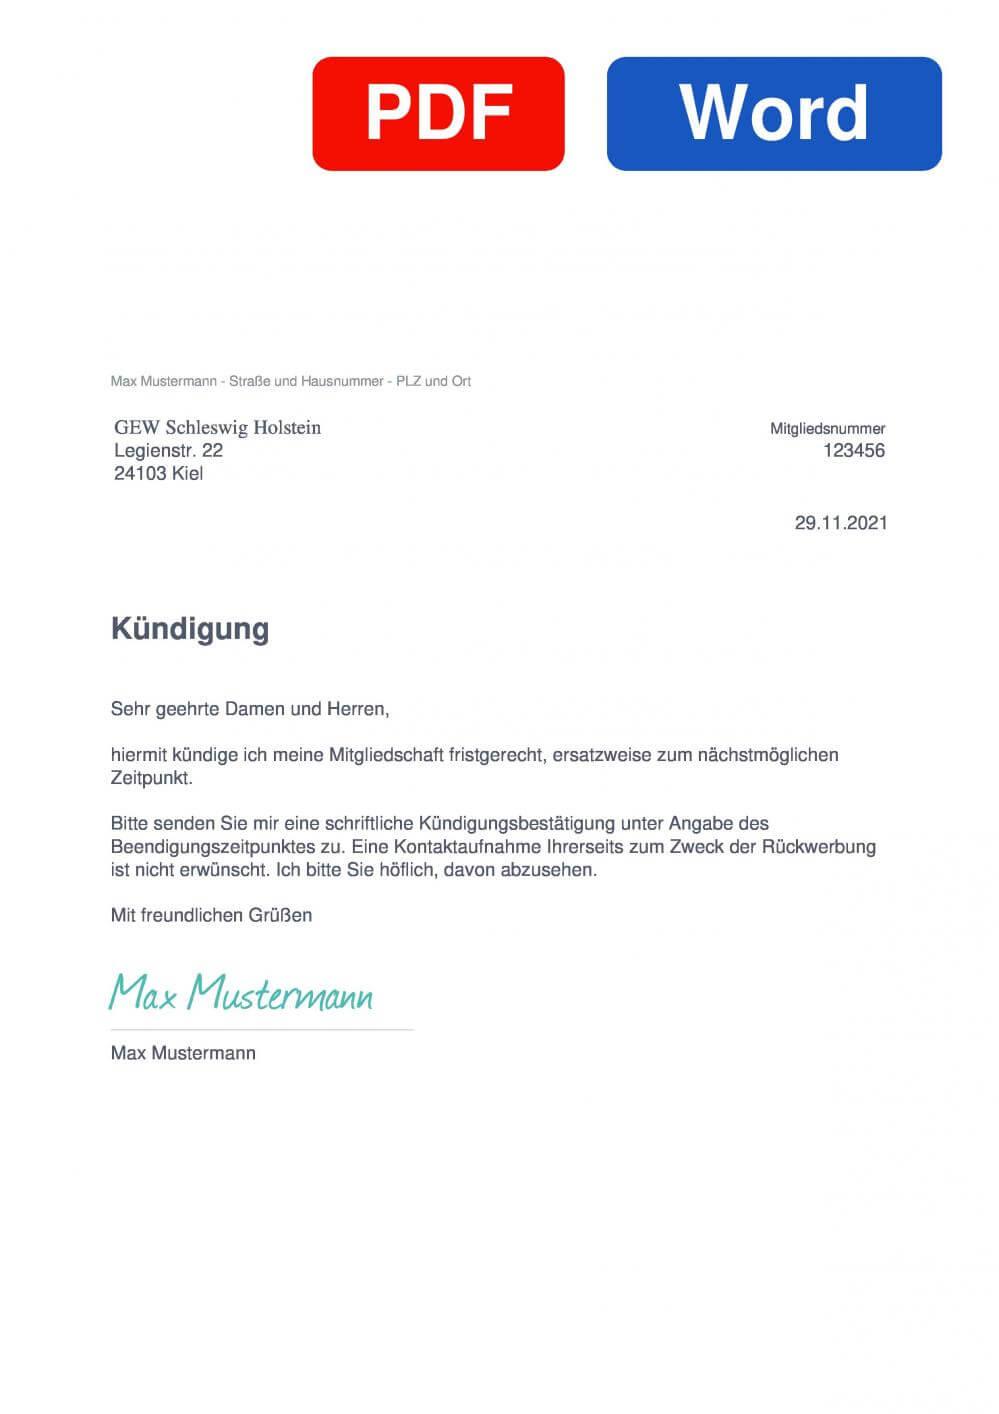 GEW Schleswig Holstein Muster Vorlage für Kündigungsschreiben